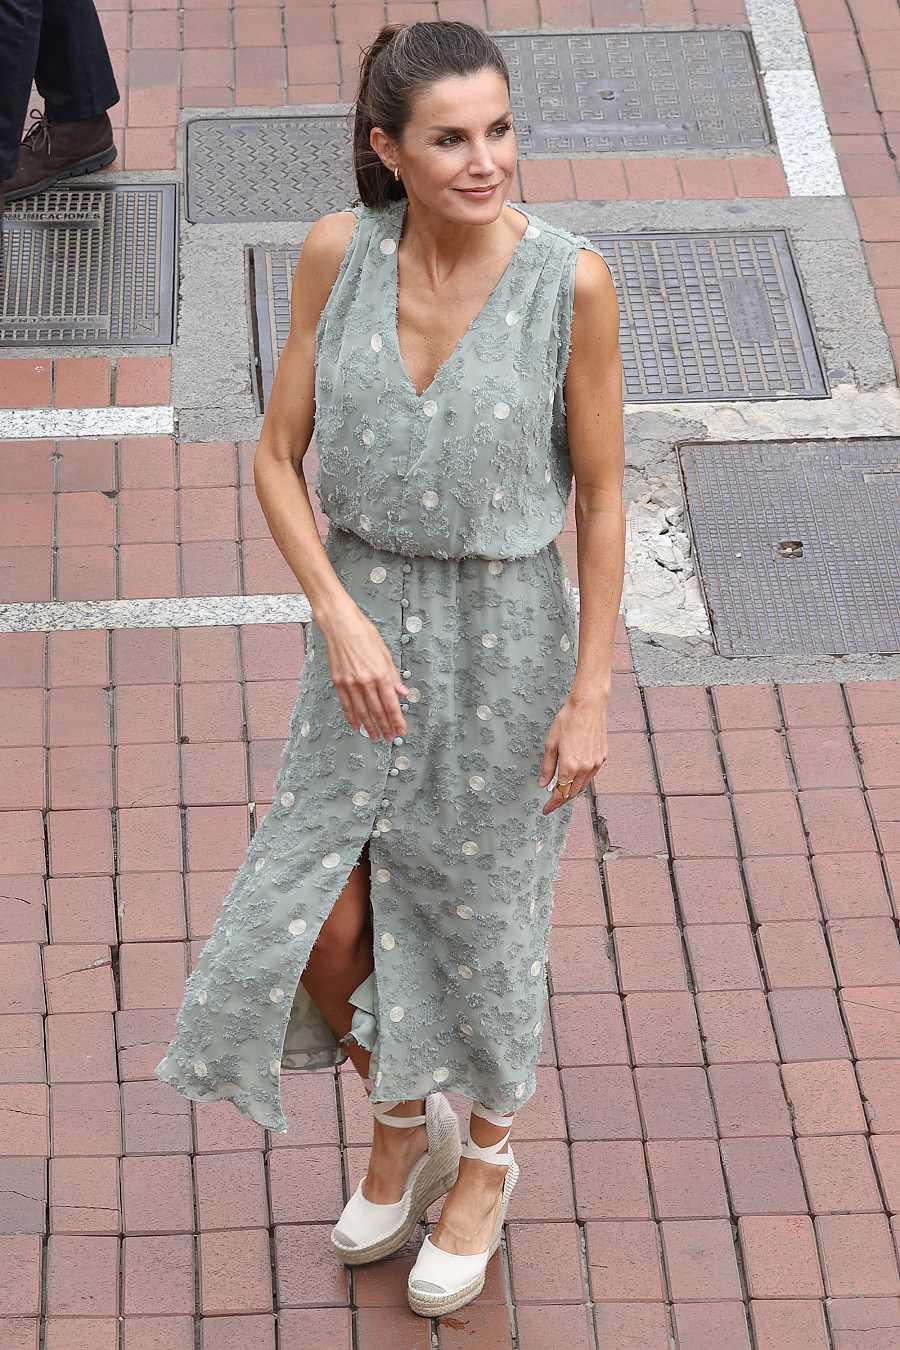 La reina Letiza en su viaje a las Islas Canarias - 23 de junio de 2020